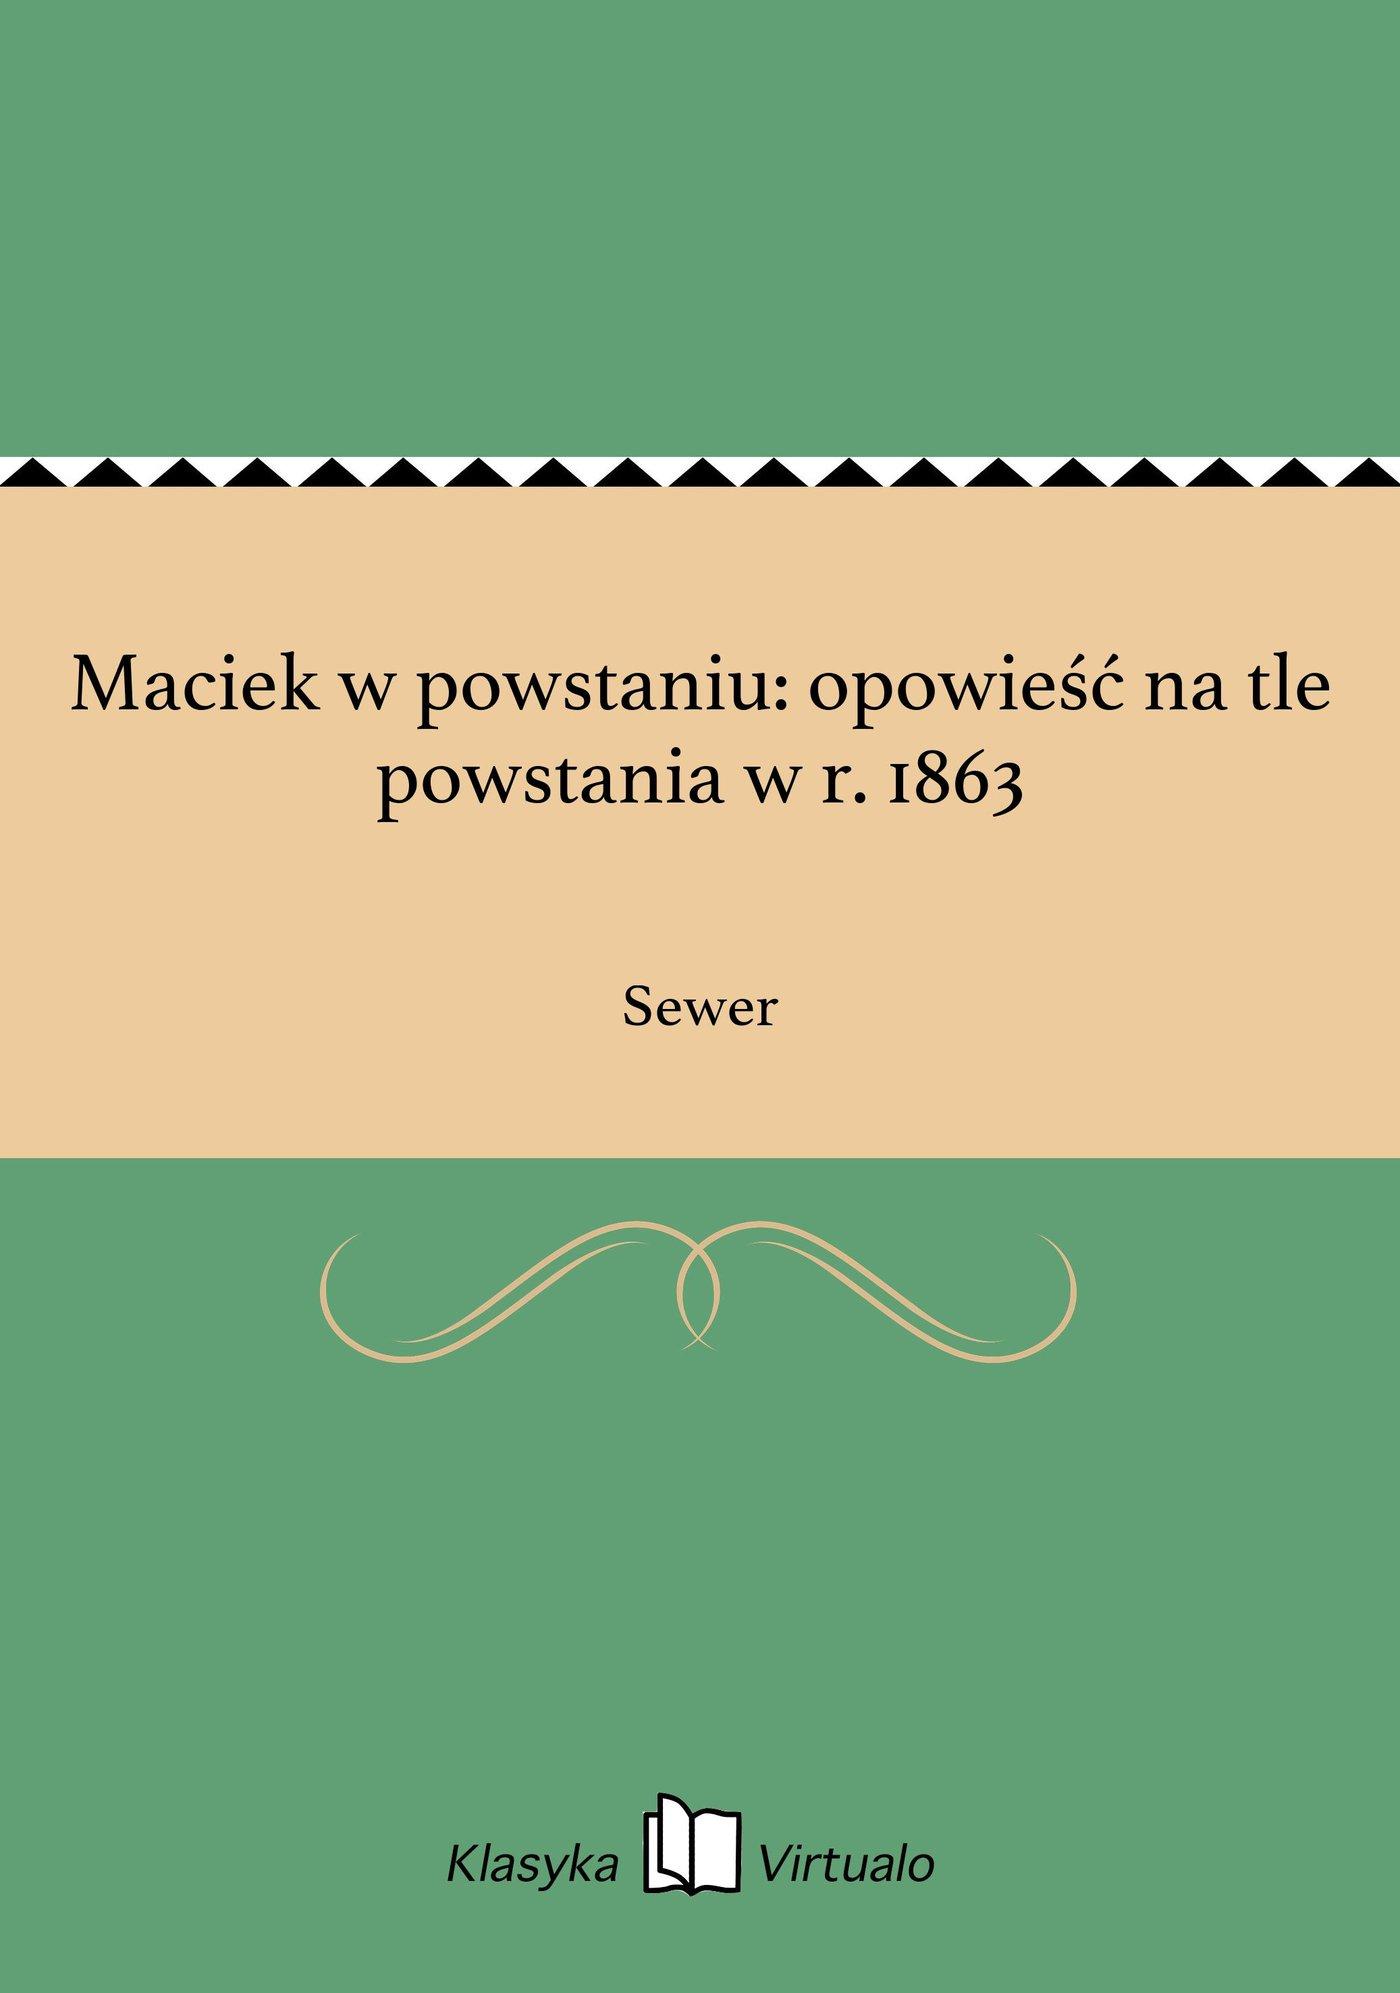 Maciek w powstaniu: opowieść na tle powstania w r. 1863 - Ebook (Książka na Kindle) do pobrania w formacie MOBI